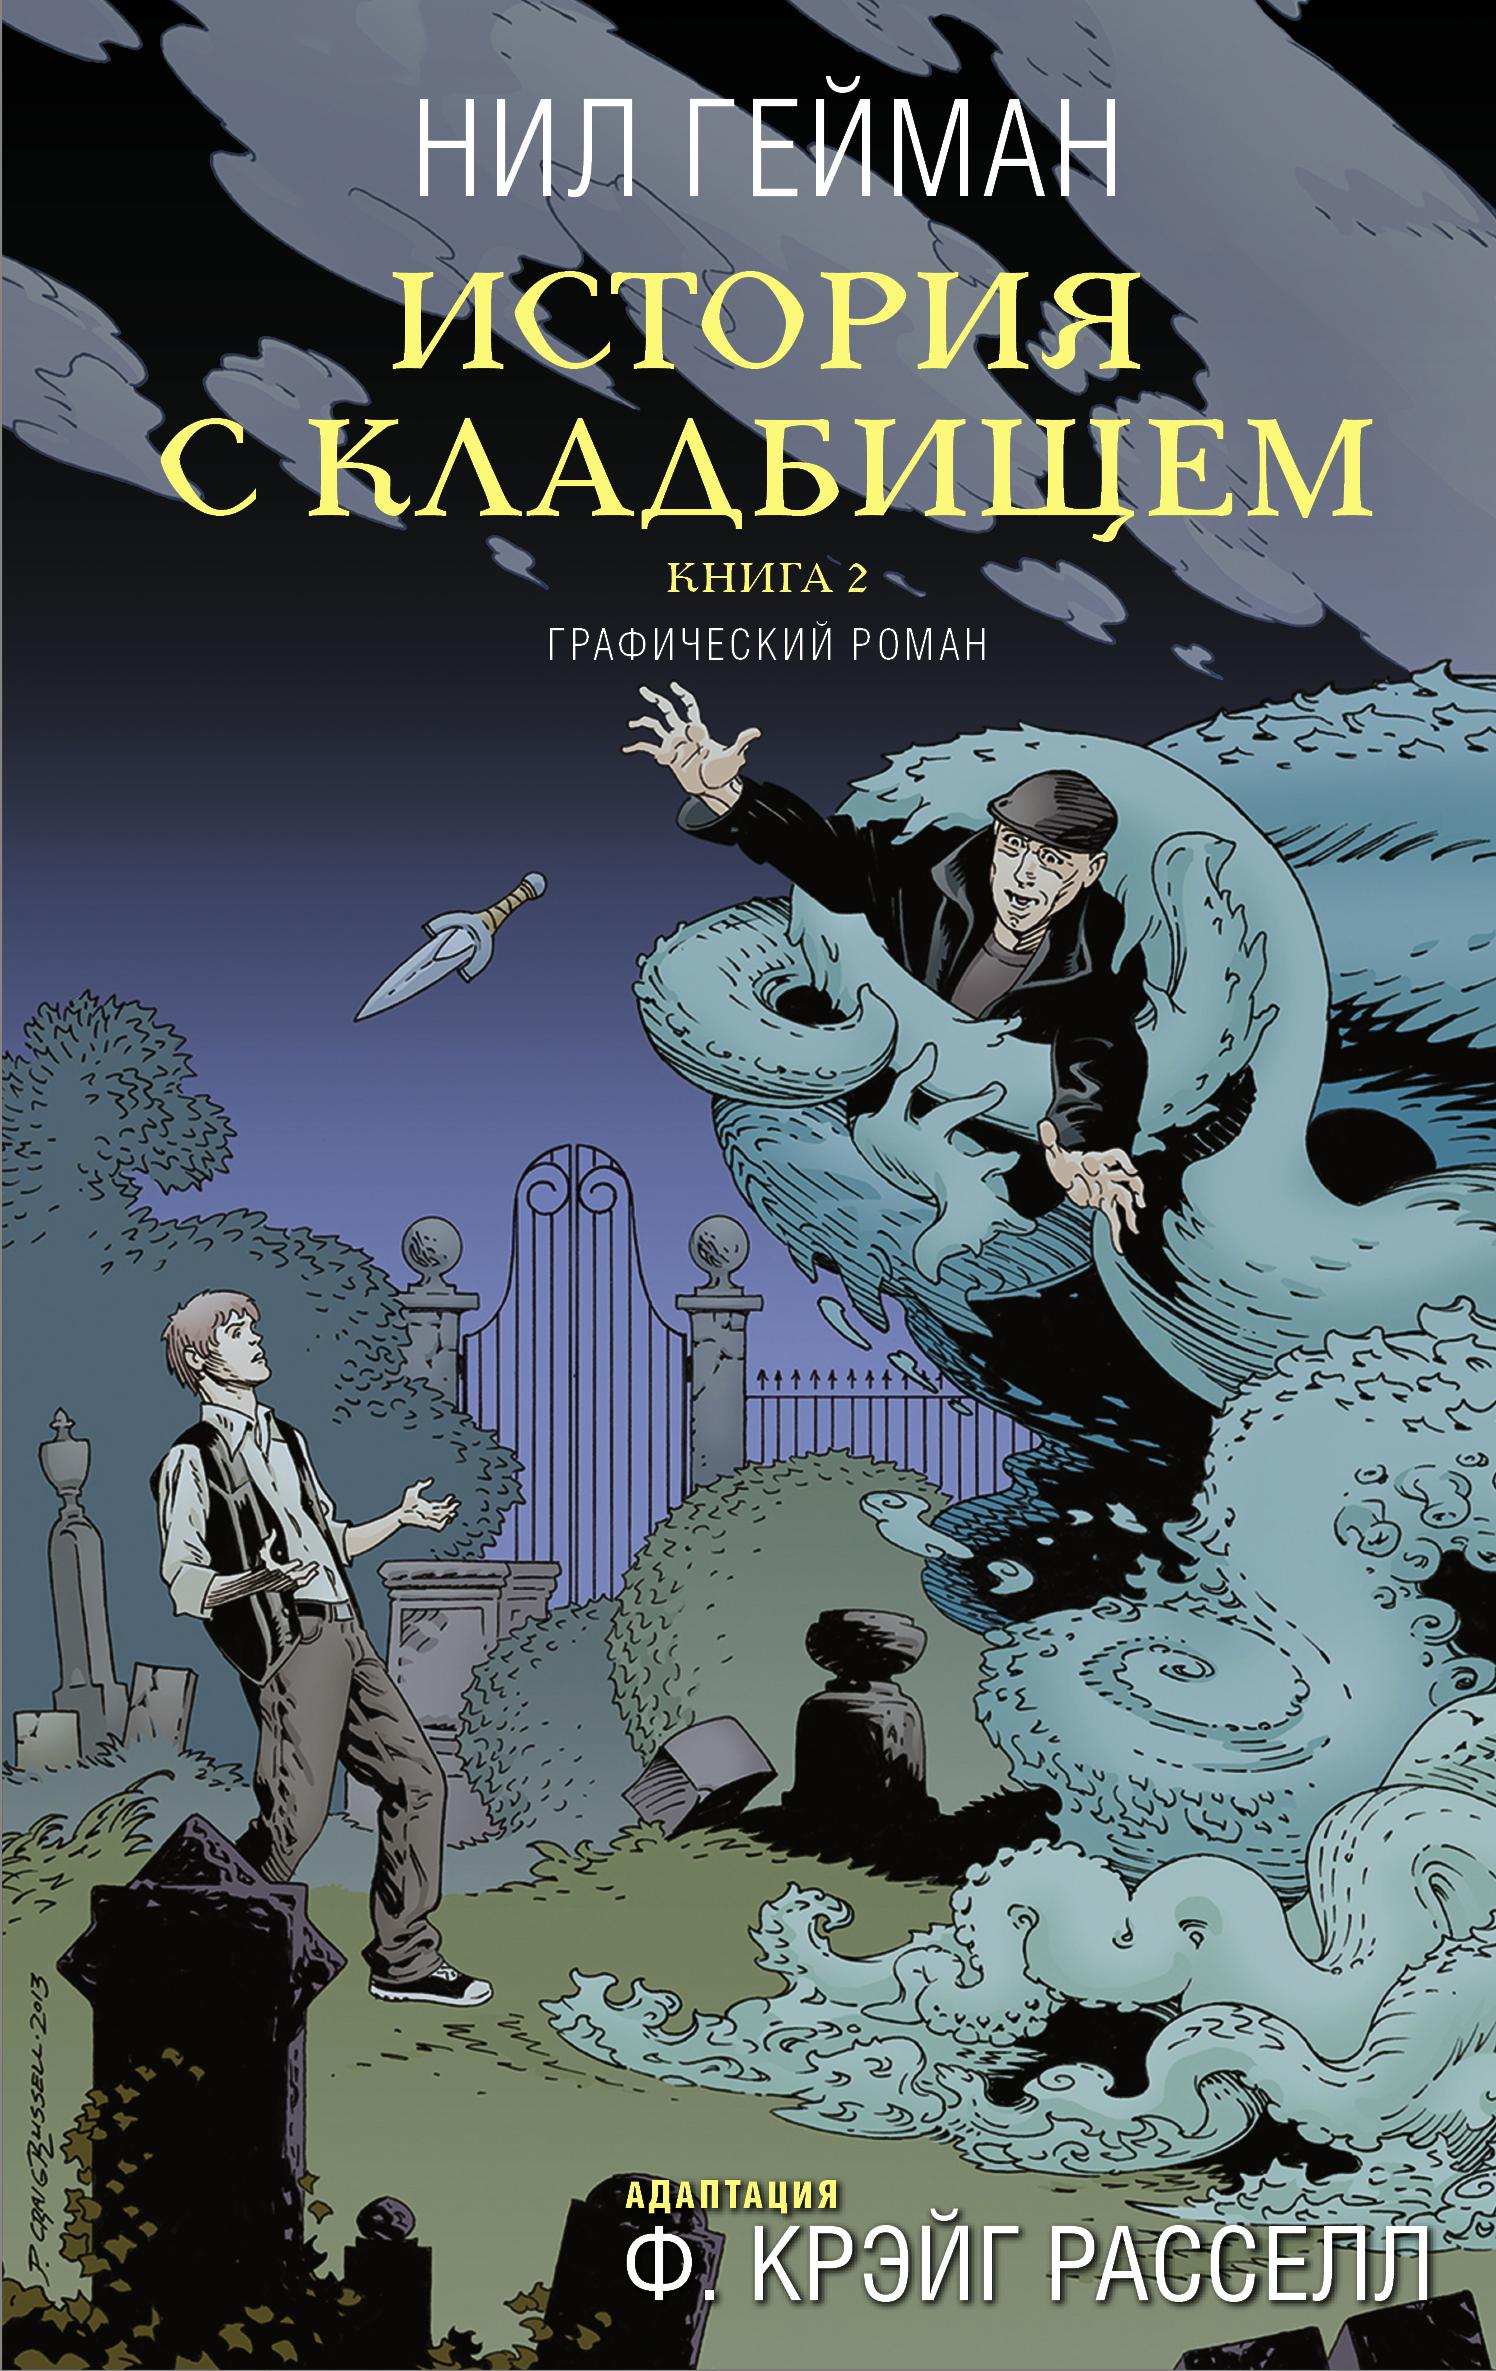 Купить со скидкой История с кладбищем. Книга 2